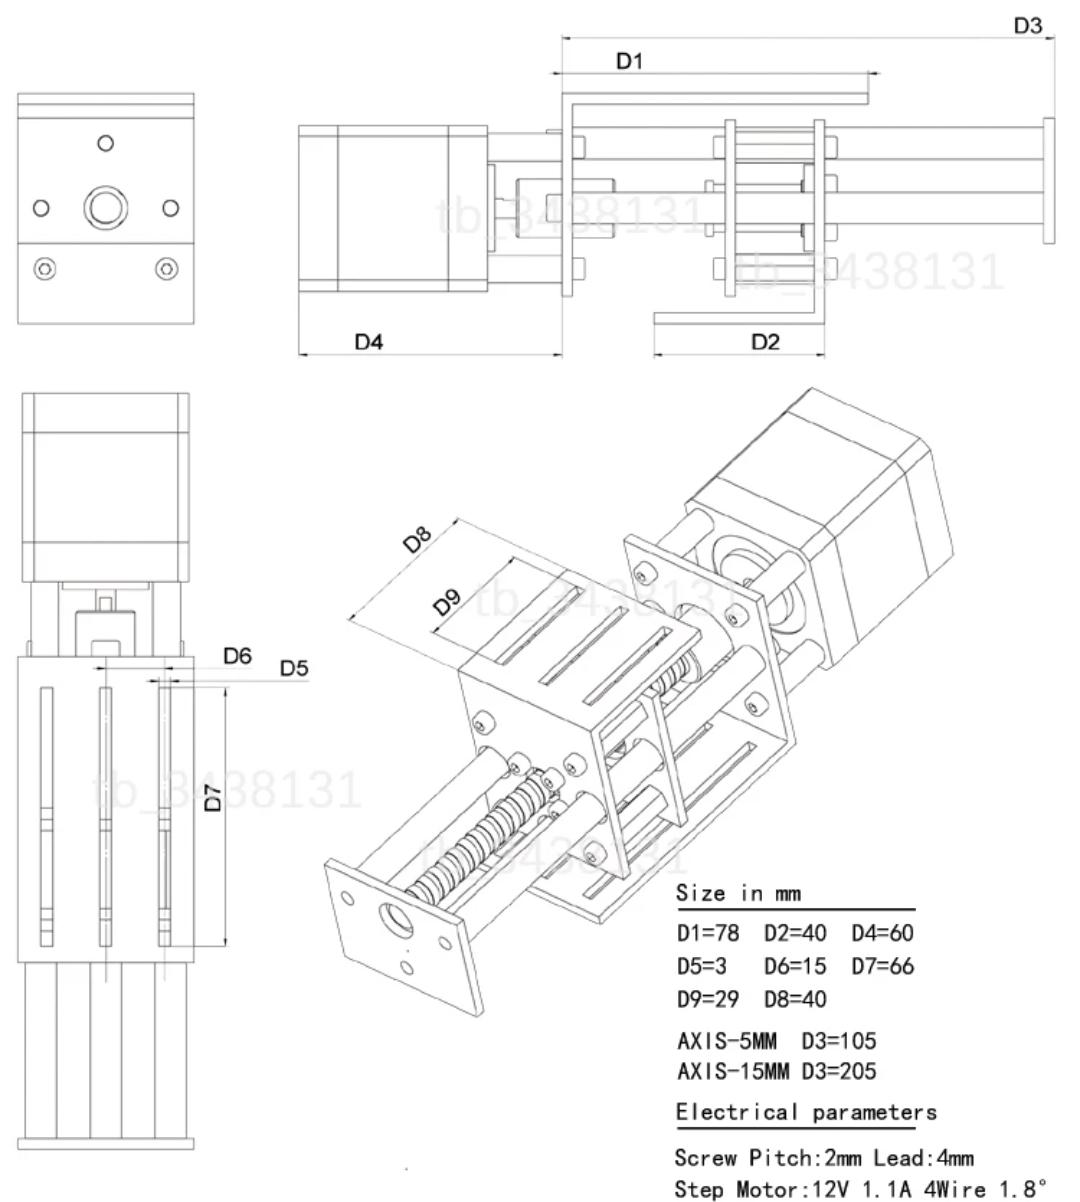 12v diy cnc 3 axis engraving machine z axis slide milling linear motion  60mm 3dpmav